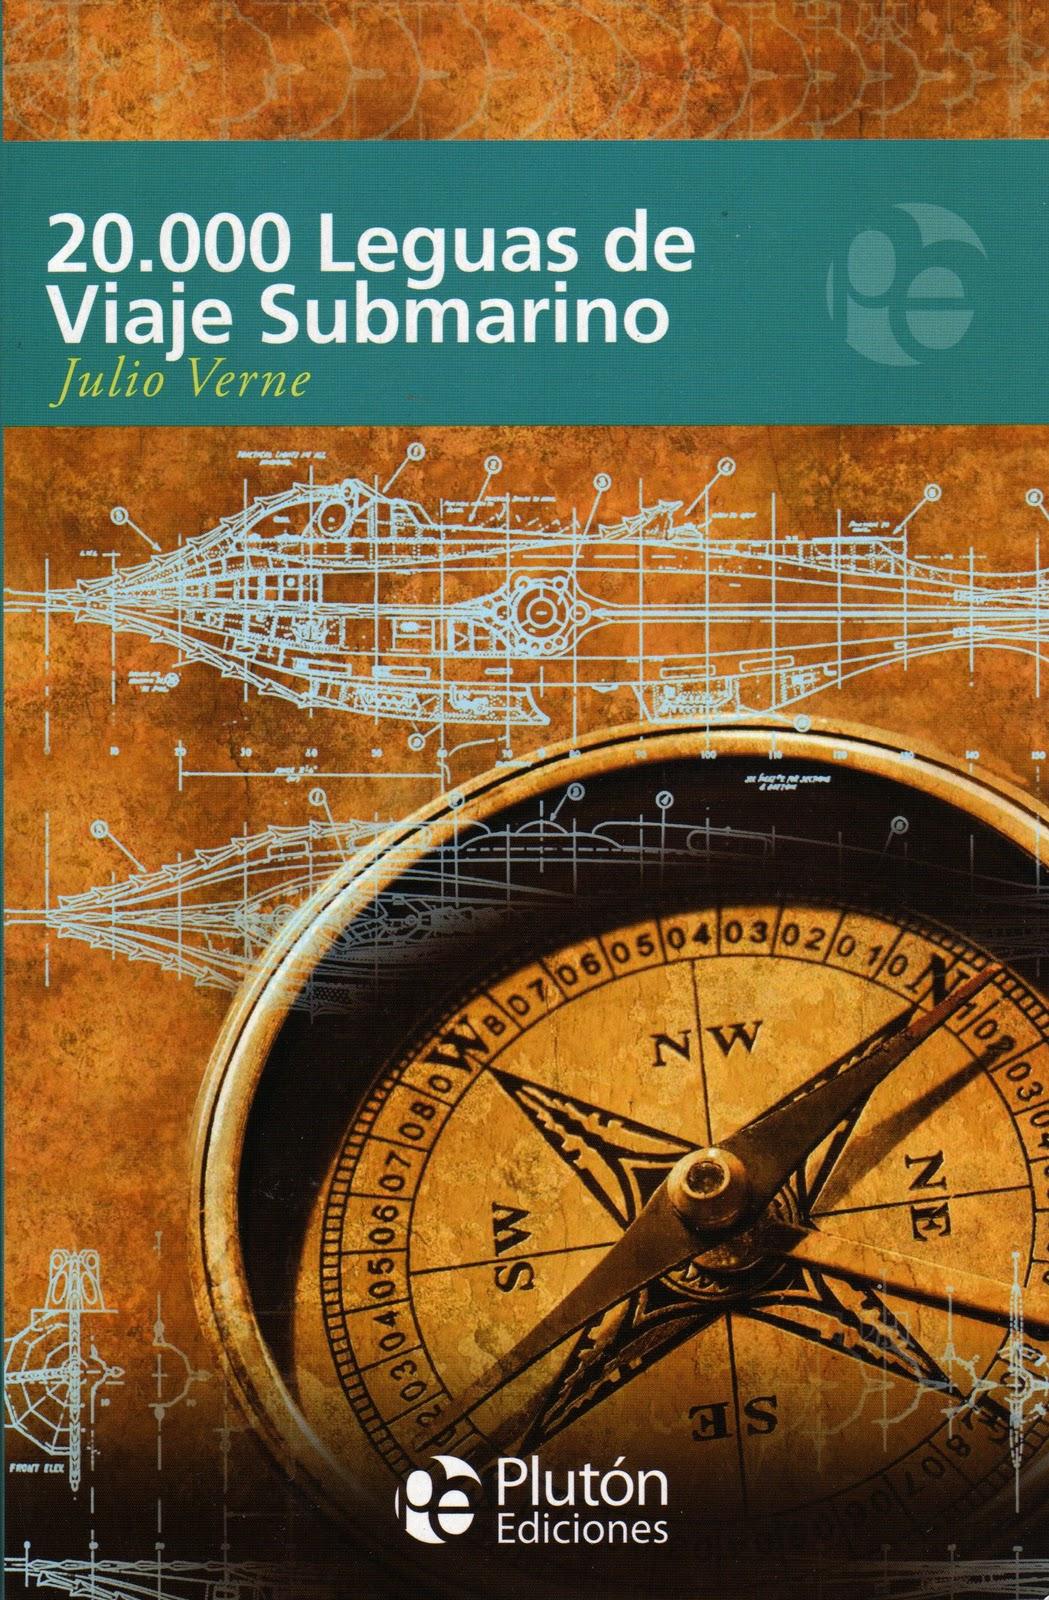 Descargar 20000 legual de viaje submarino de julio verne en epub y pdf gratis